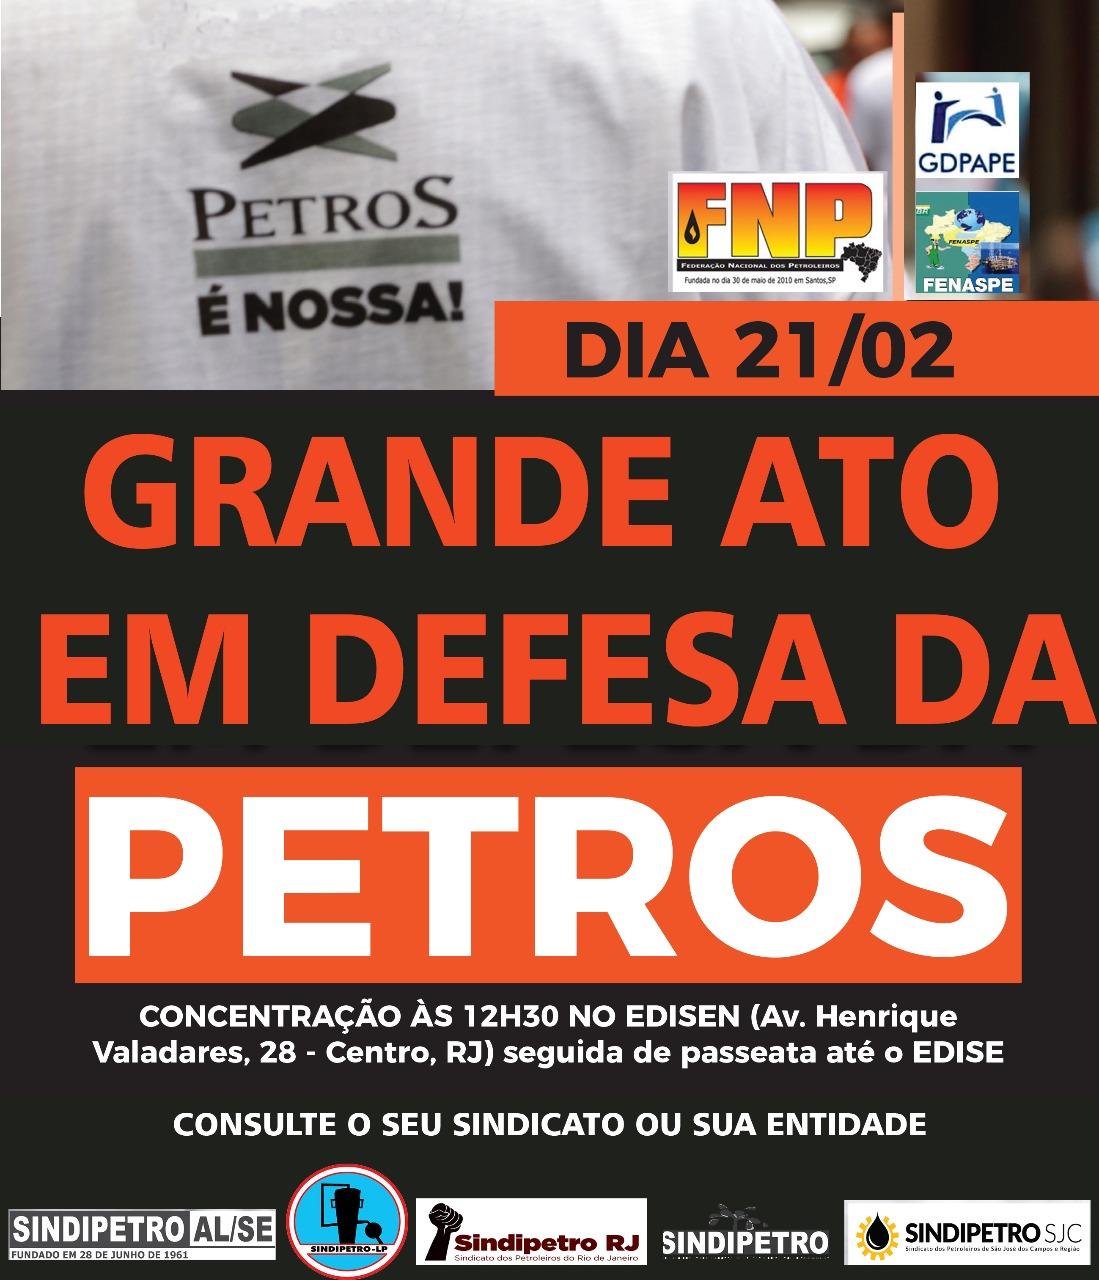 Ato em defesa da Petros Petros fevereiro  Ato em defesa da Petros Petros fevereiro